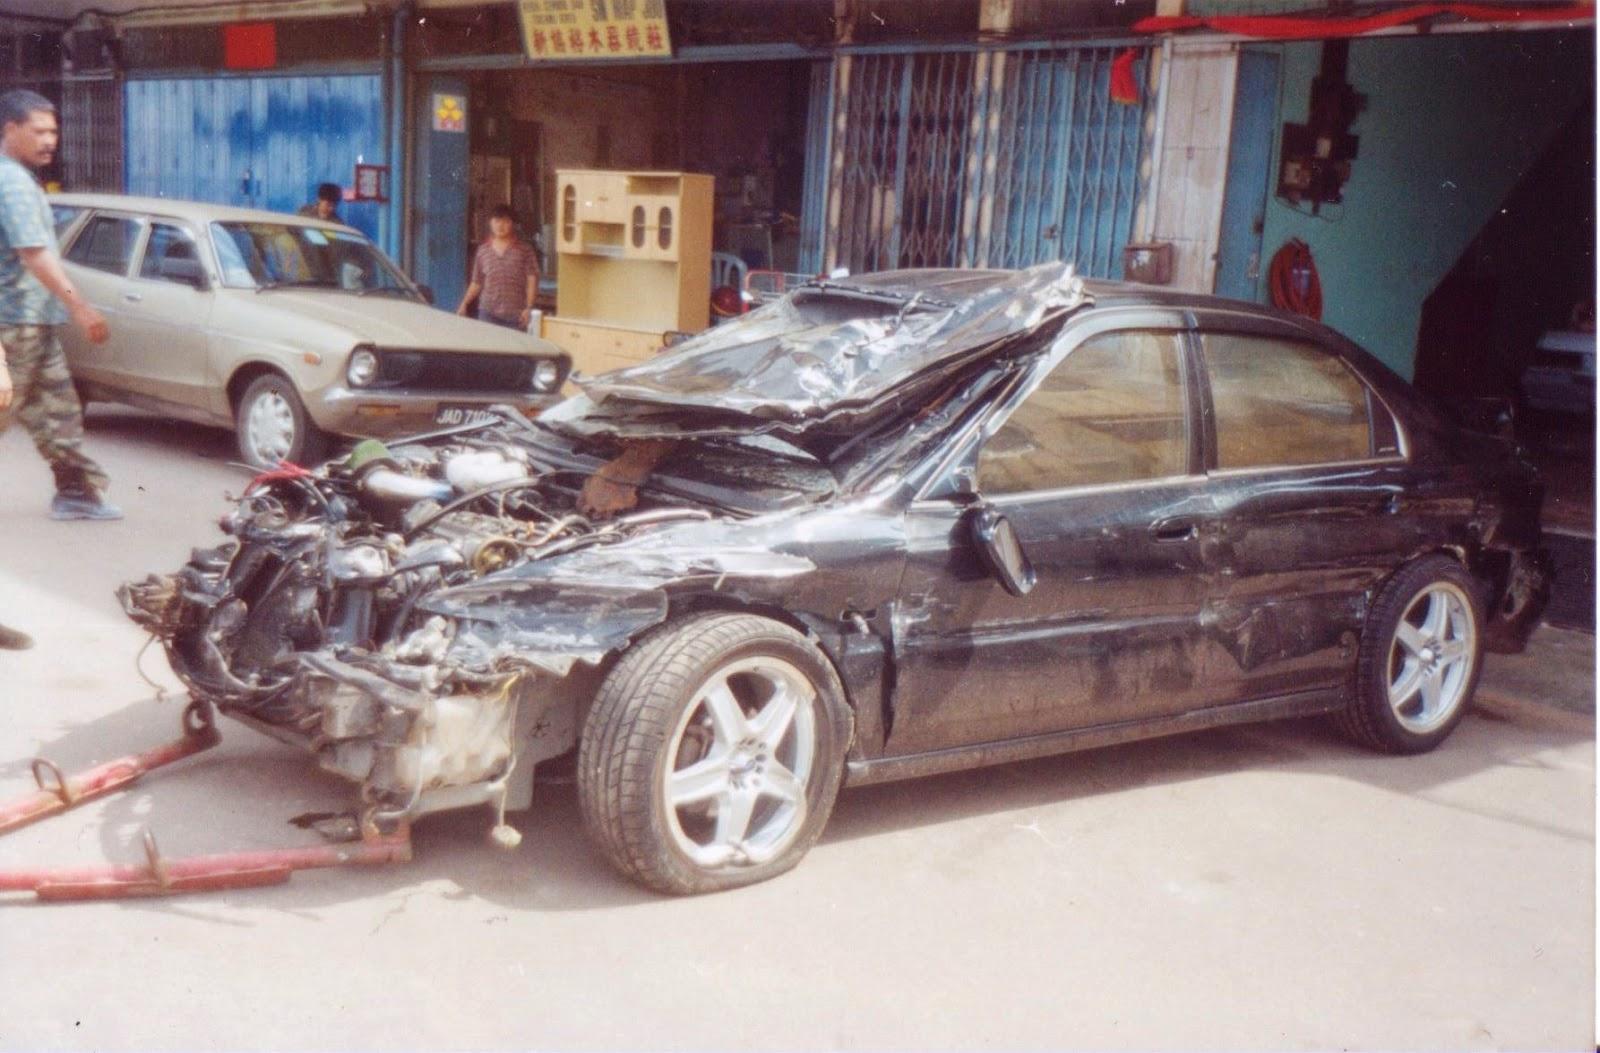 Accord 2.2 Vtec - Kemalangan di lebuhraya PLUS Pagoh, Muar, Johor